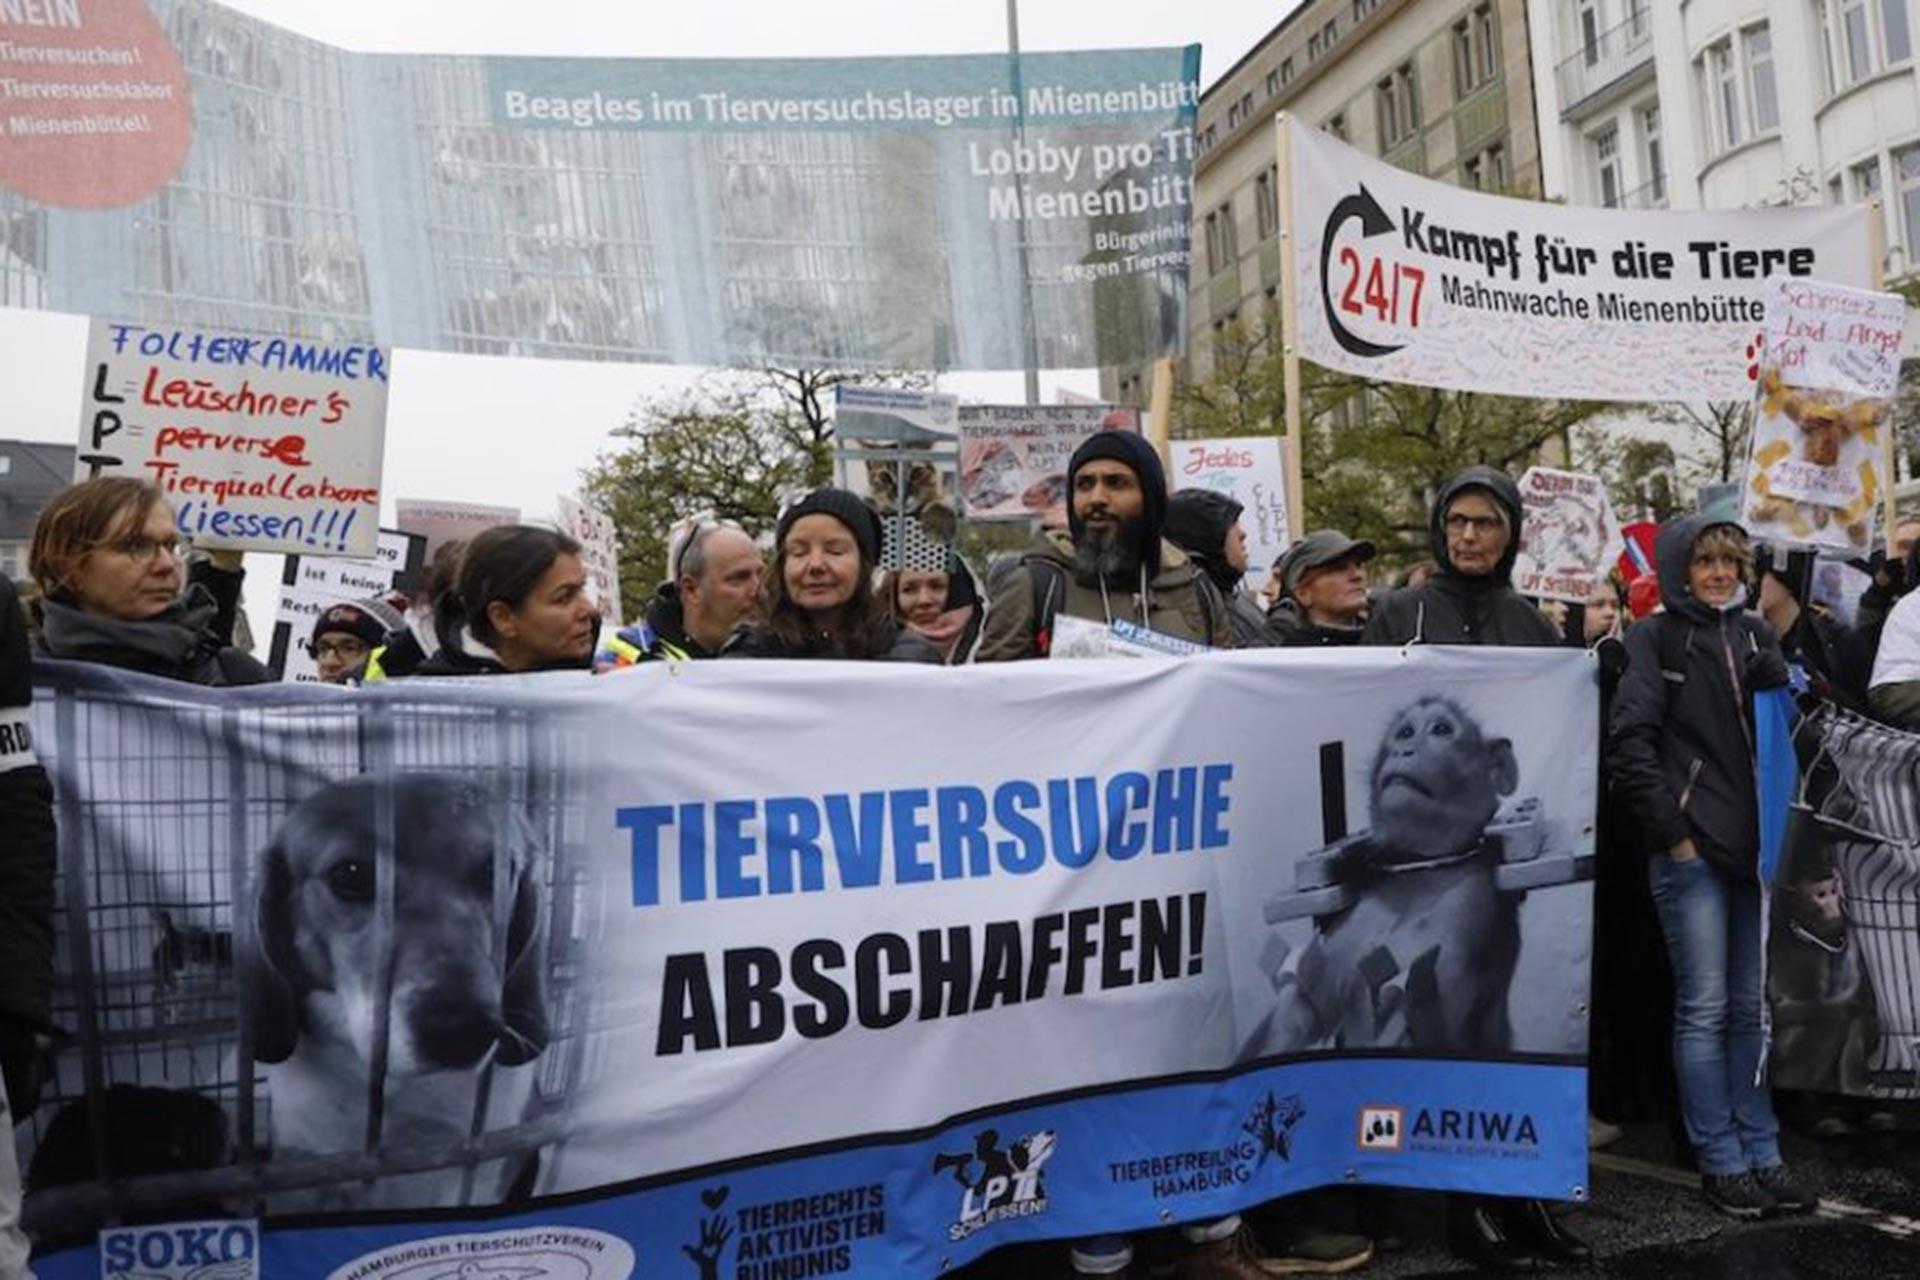 Hamburg'da hayvan haklarının korunması için yapılan mitinge katılanlar, 'Hayvan deneyleri durdurulsun!' yazılı pankartın arkasında yürürken